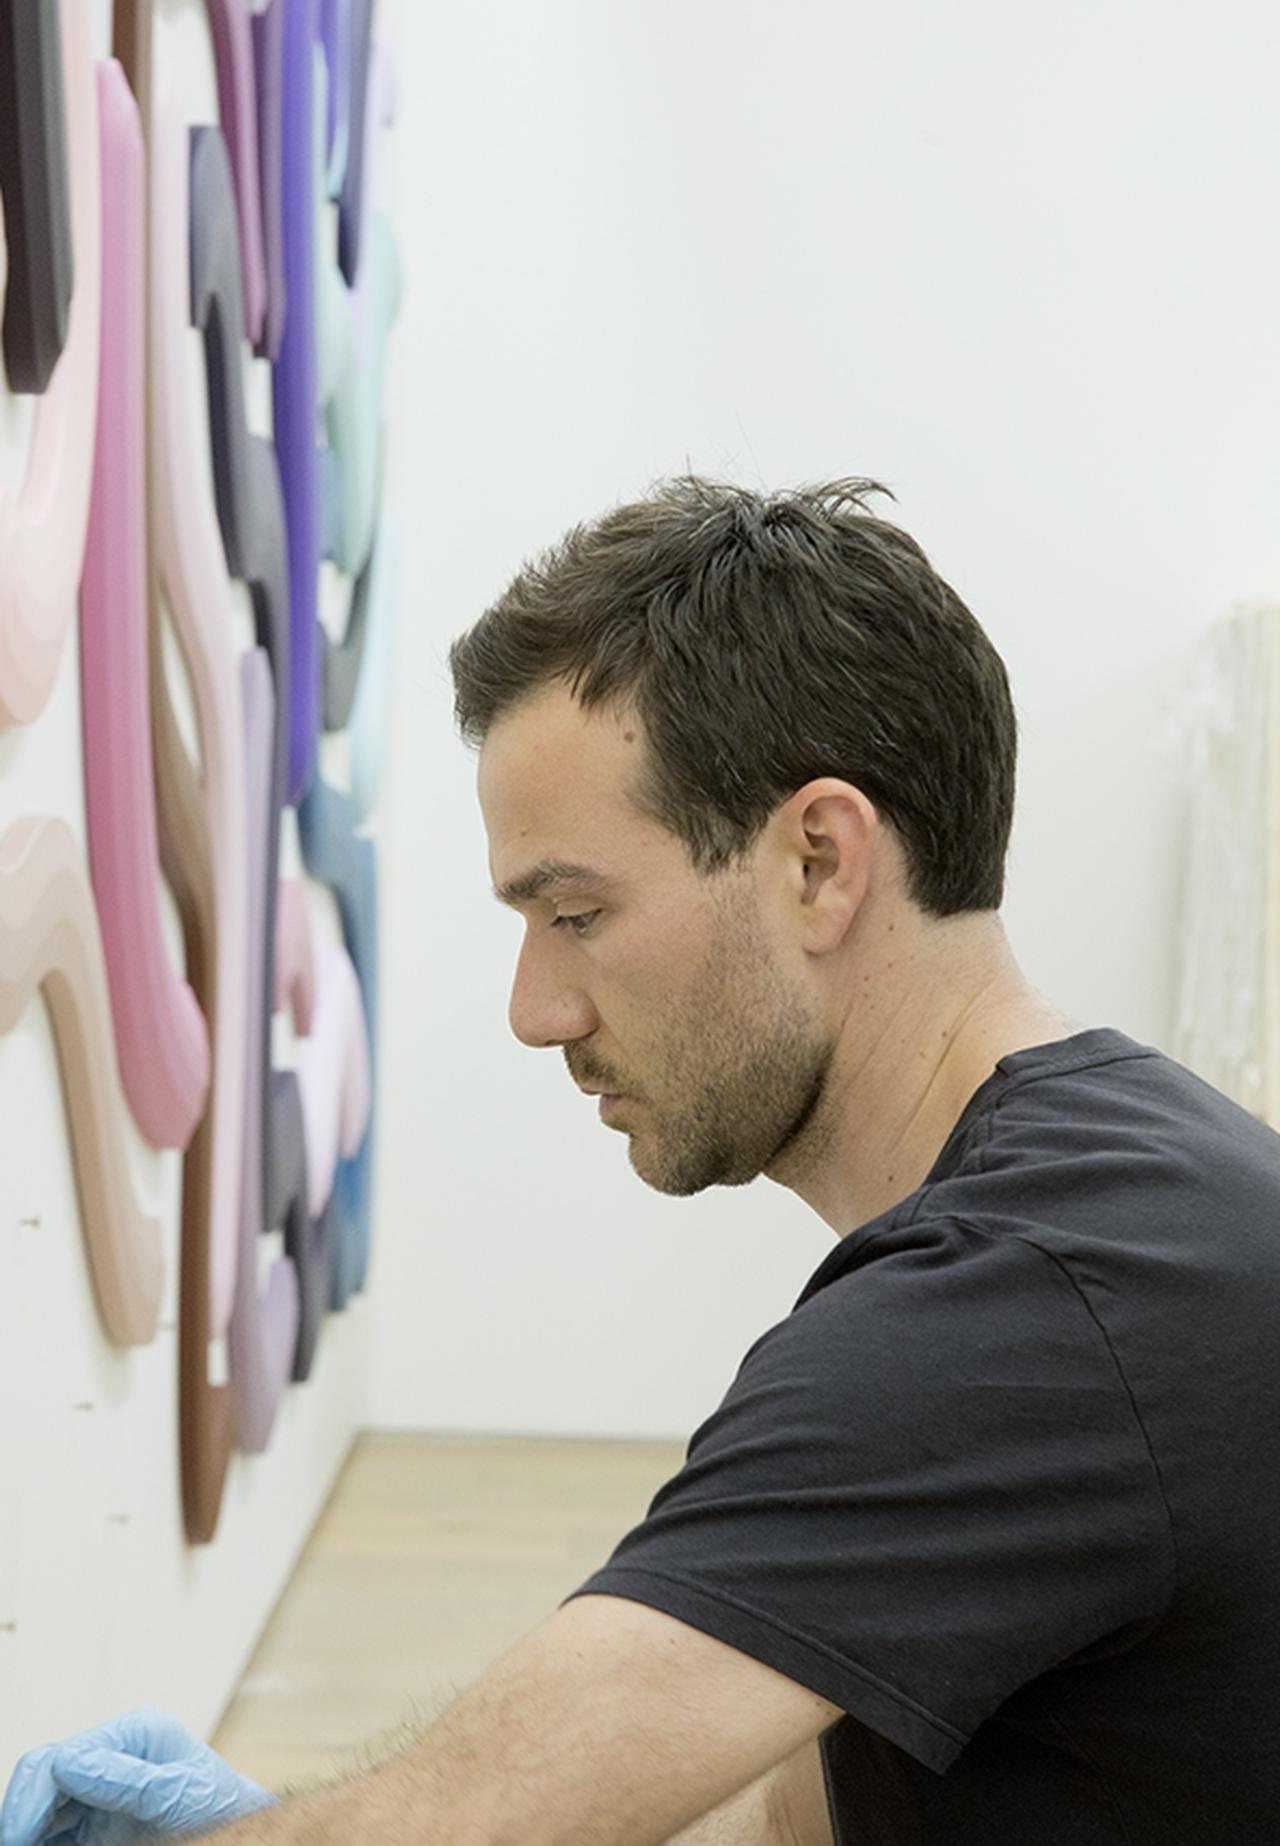 Images : 5番目の画像 - 「色彩とかたちをあやつる ジョシュ・スパーリングの 新しい抽象芸術」のアルバム - T JAPAN:The New York Times Style Magazine 公式サイト